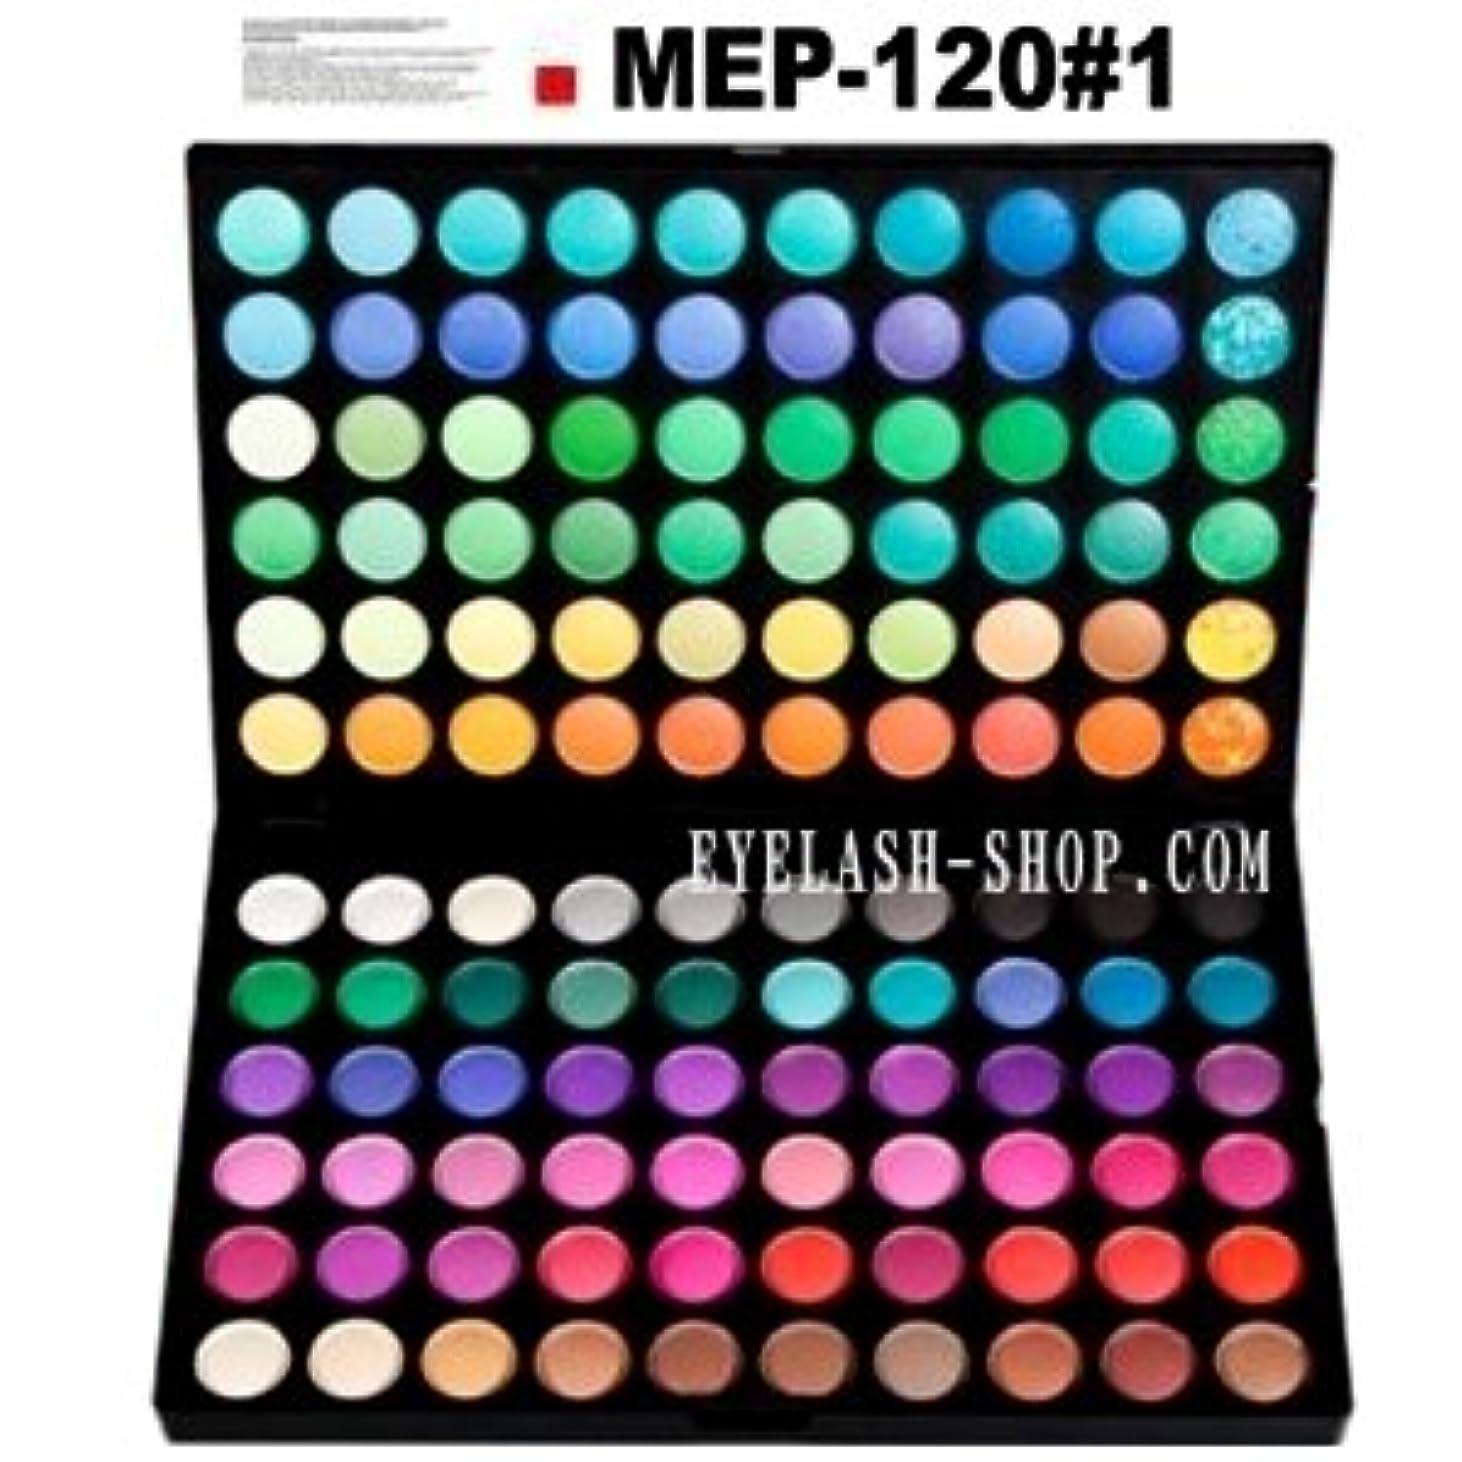 によって辛い方法論アイシャドウパレット メイクパレット 120色 プロ用 アイシャドウ、アイズパレット MEP-120#01